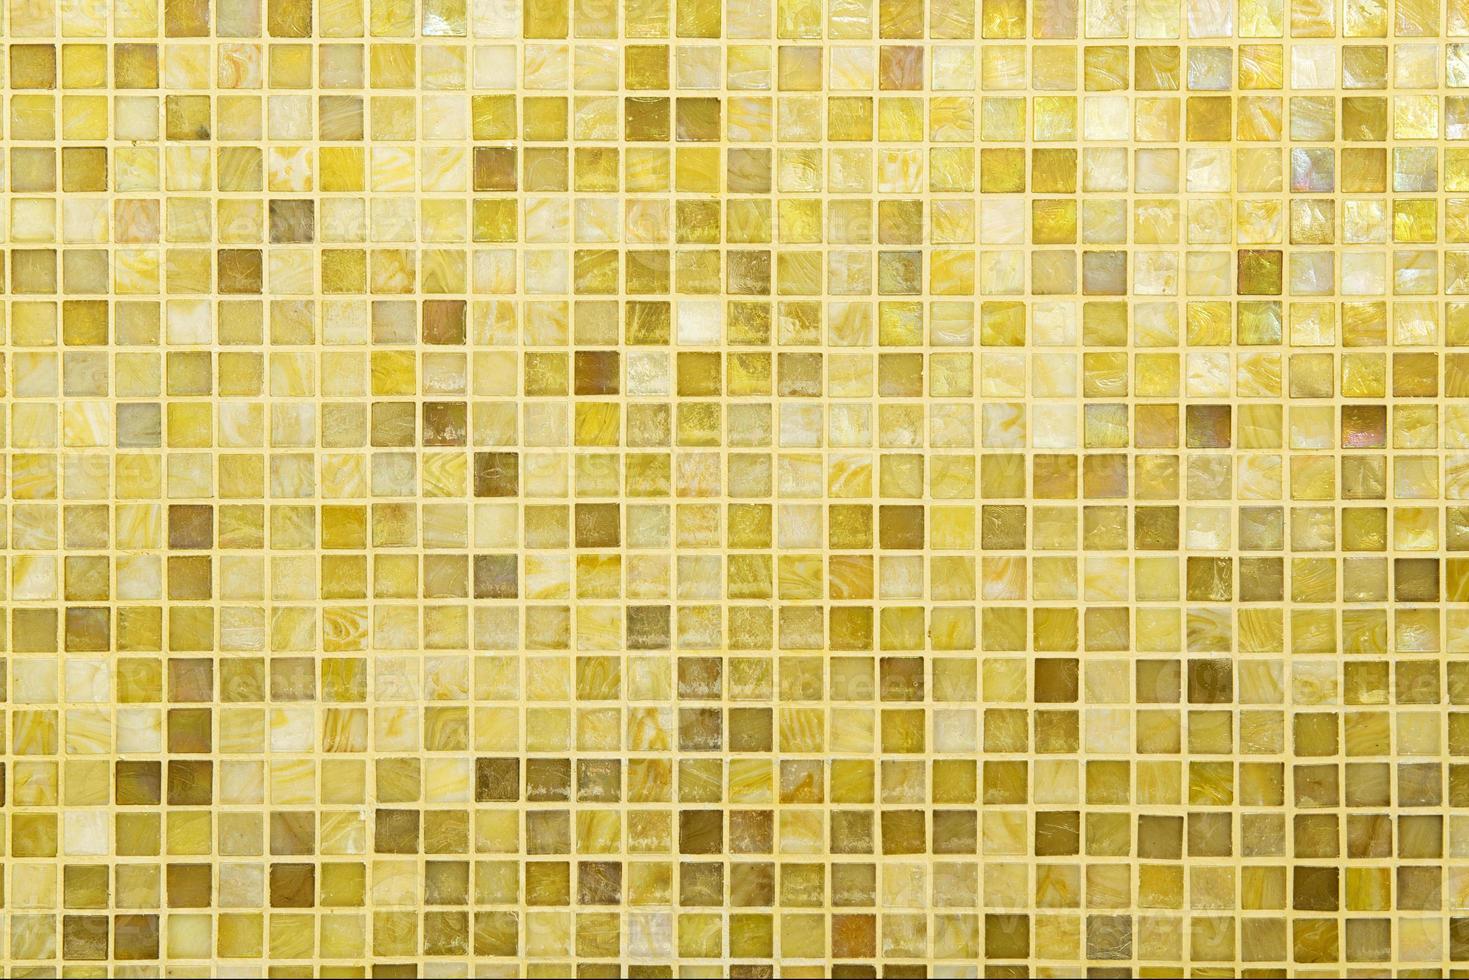 piastrella a mosaico foto